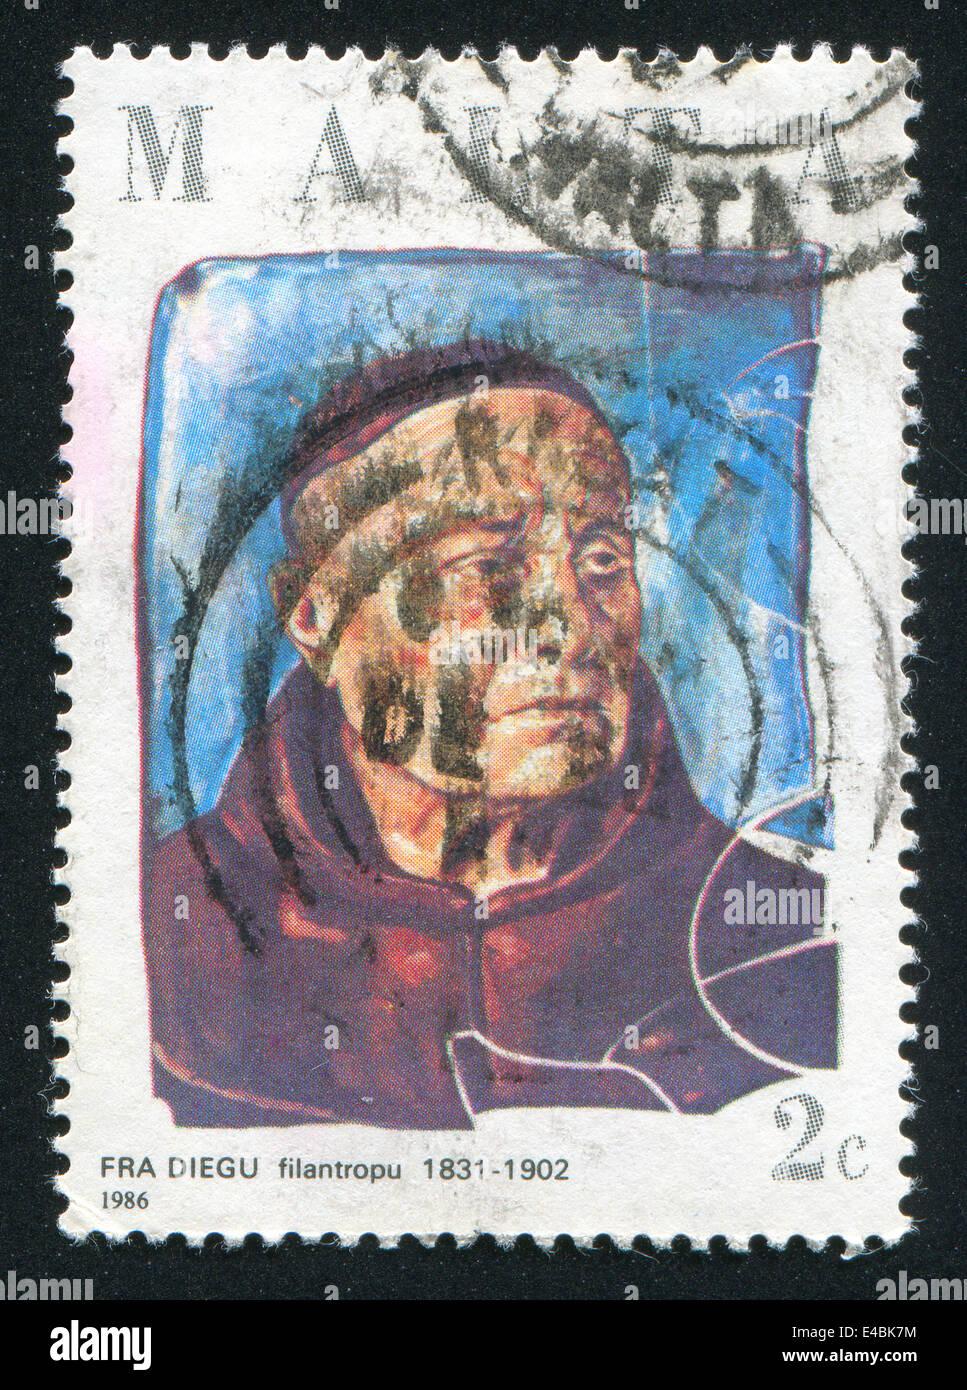 Philanthropist Fra Diegu - Stock Image